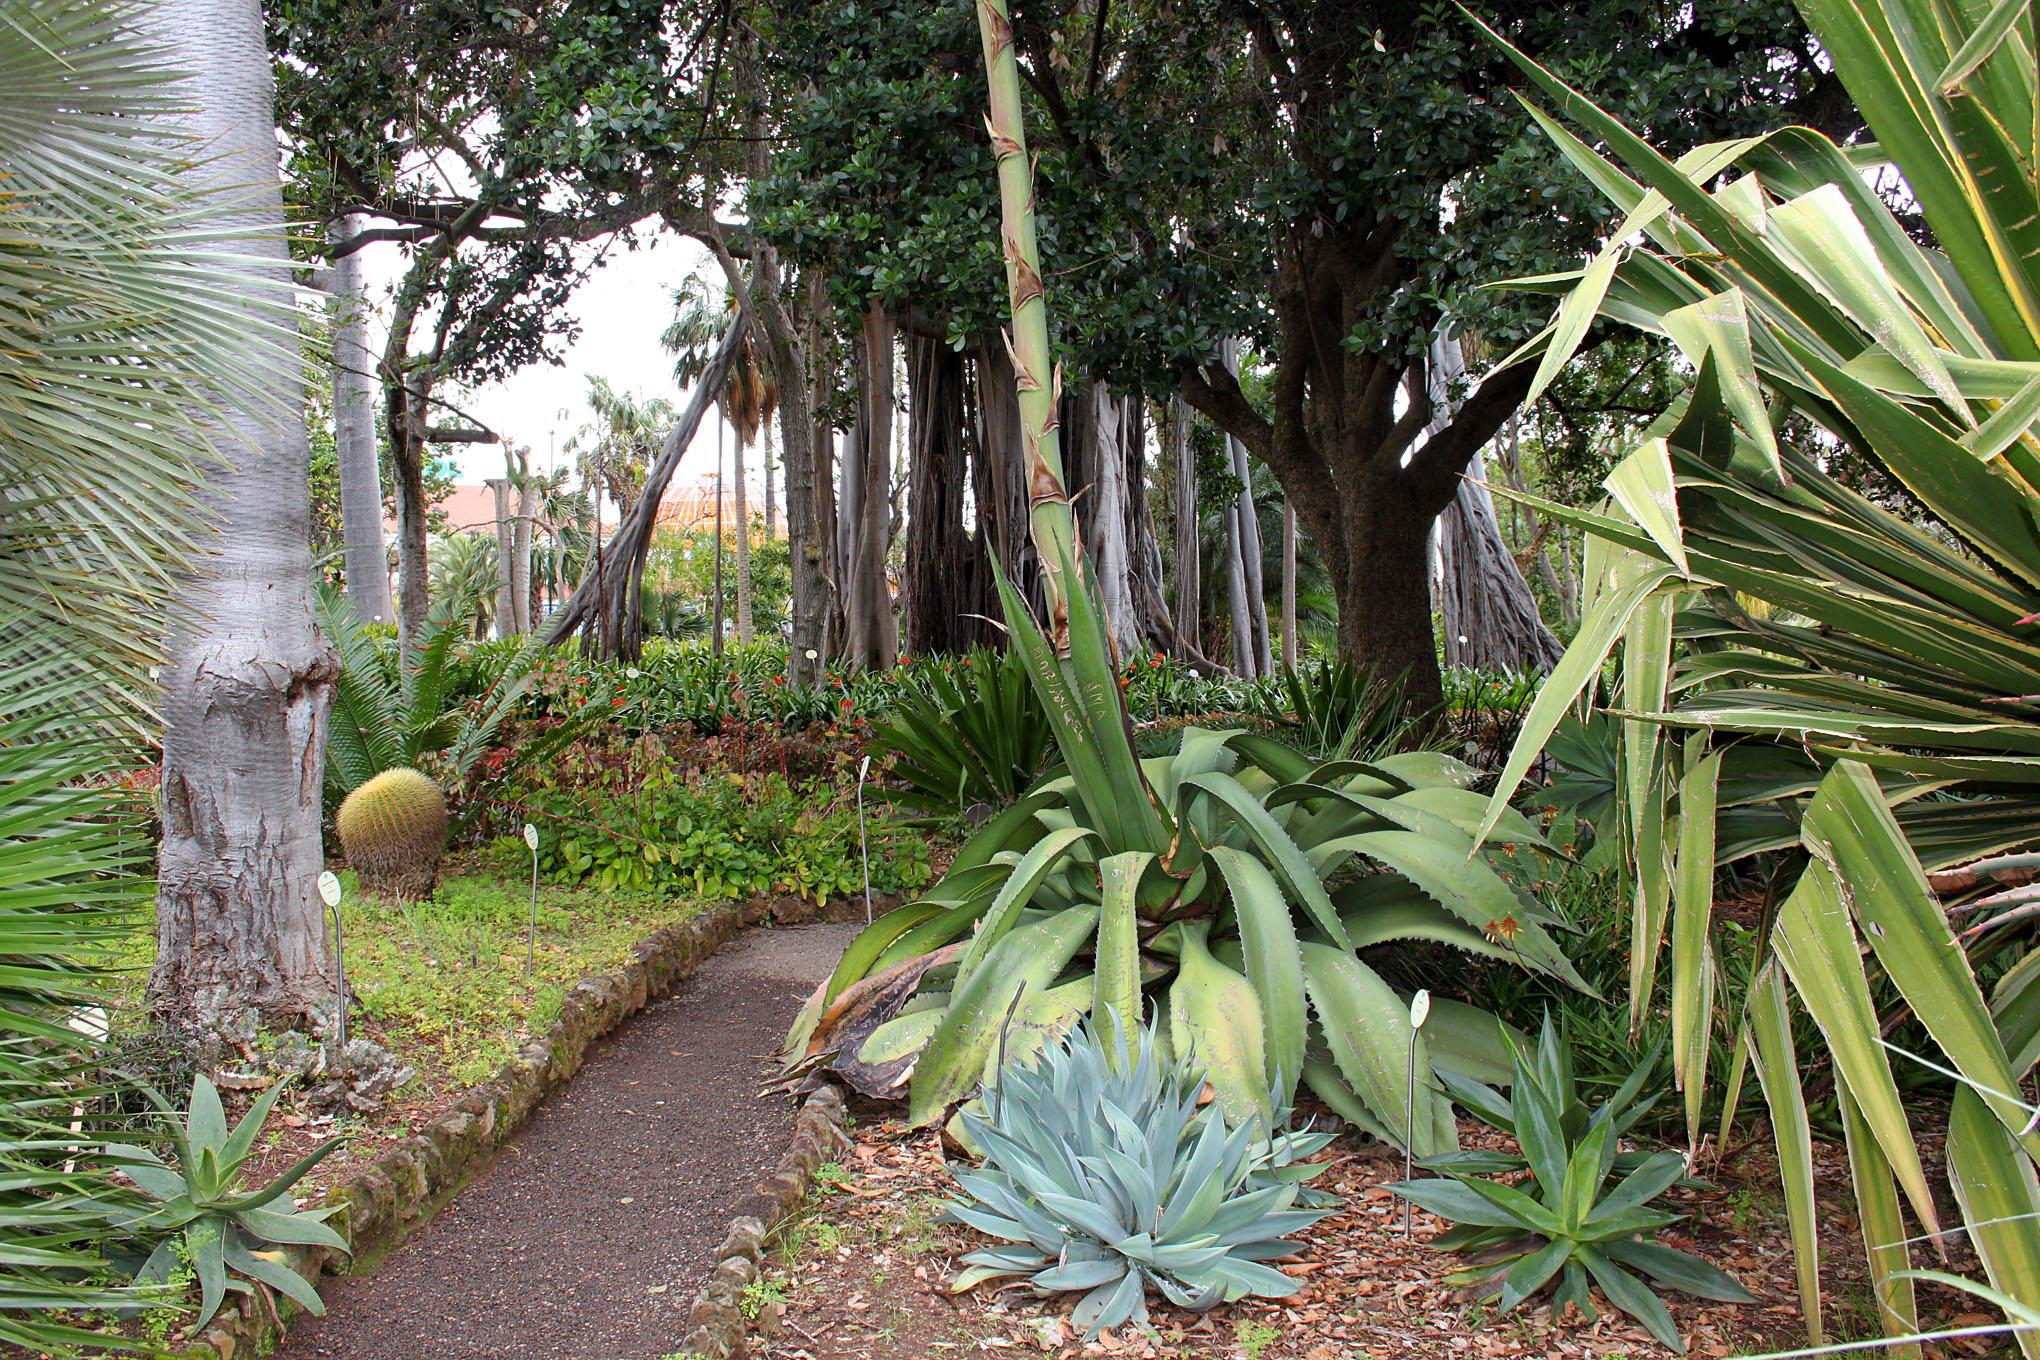 Spain puerto de la cruz jardin botanico jearld moldenhauer - Botanical garden puerto de la cruz ...